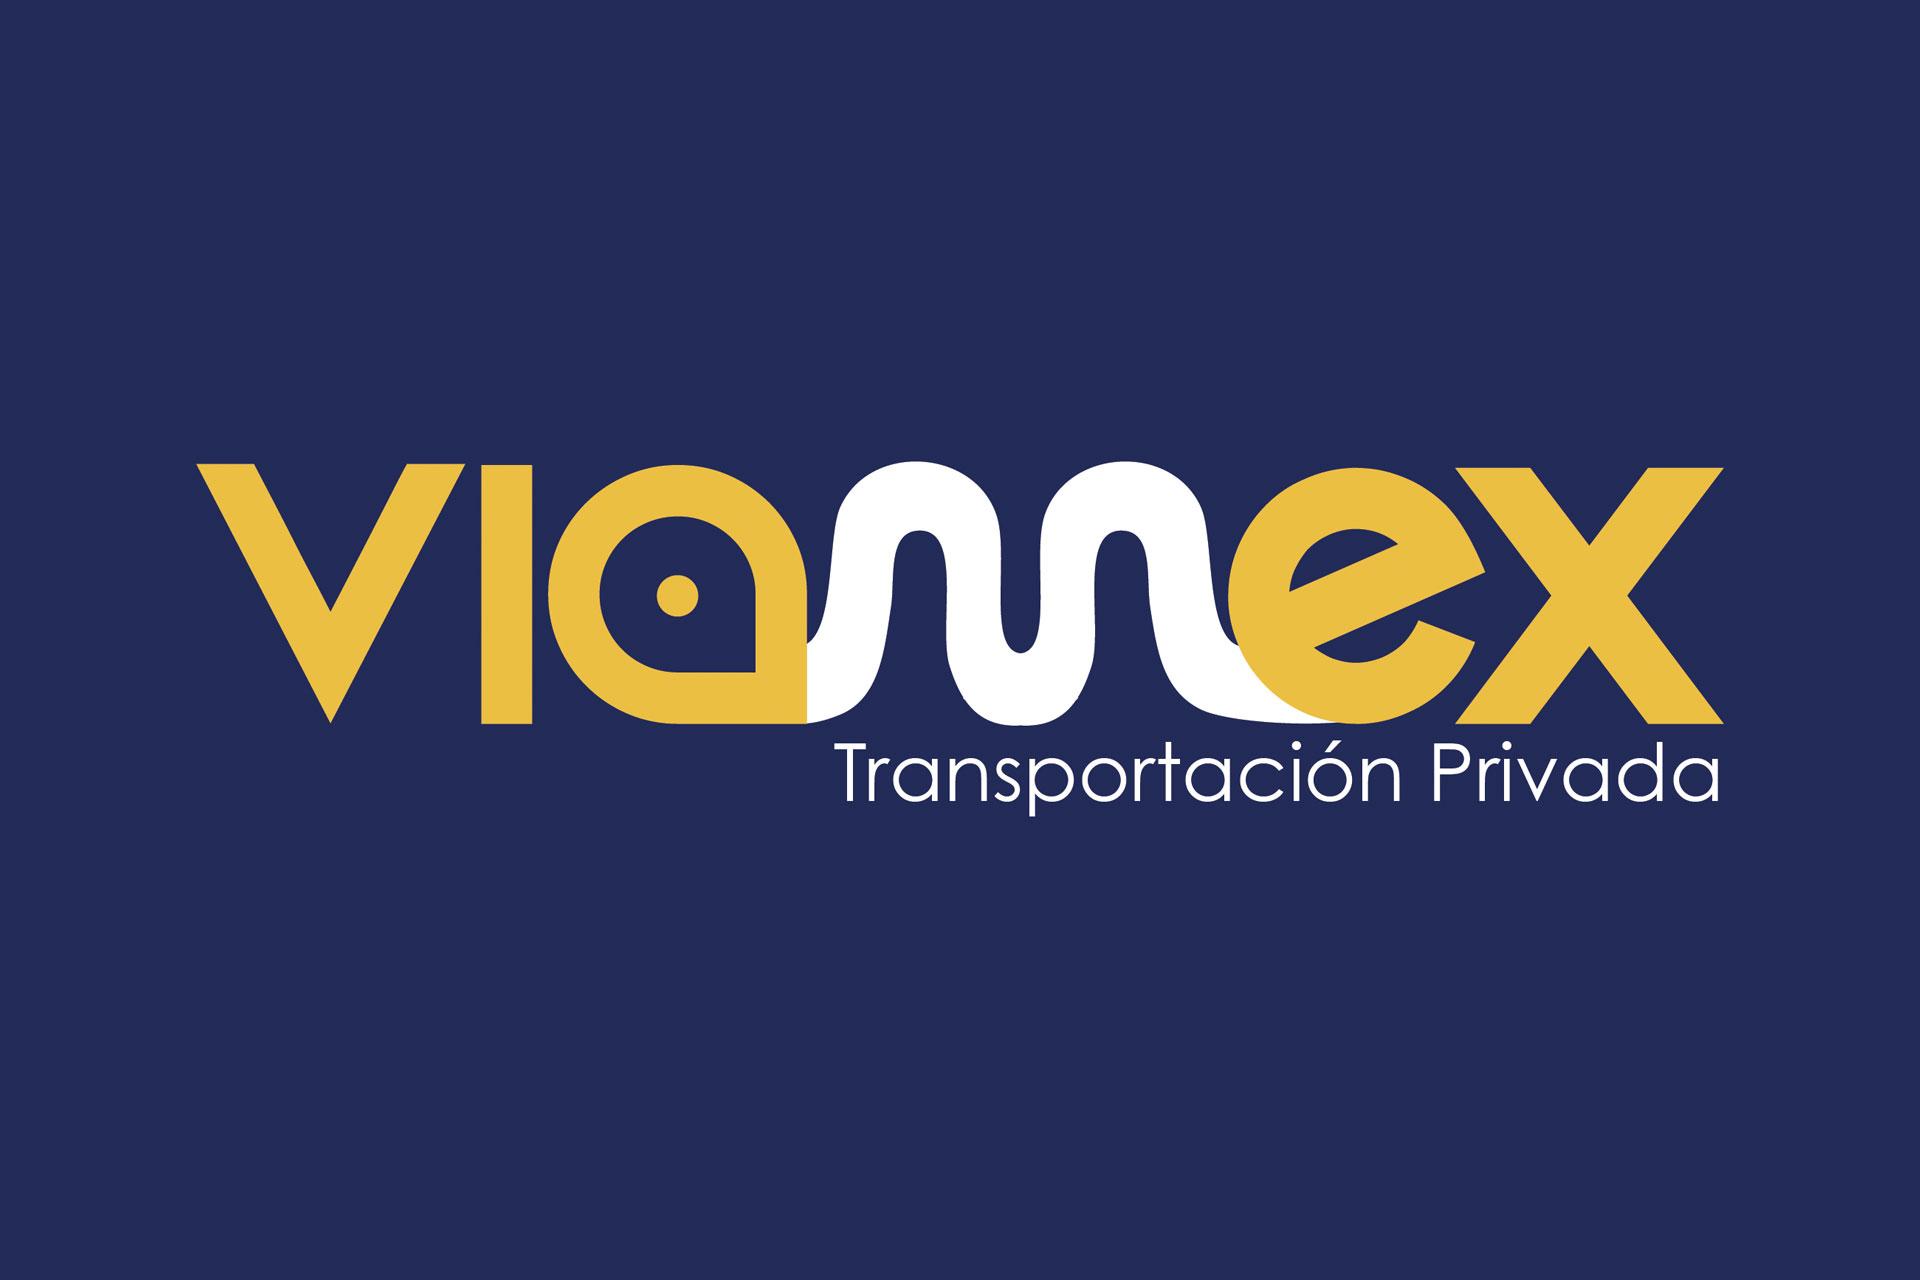 Viamex